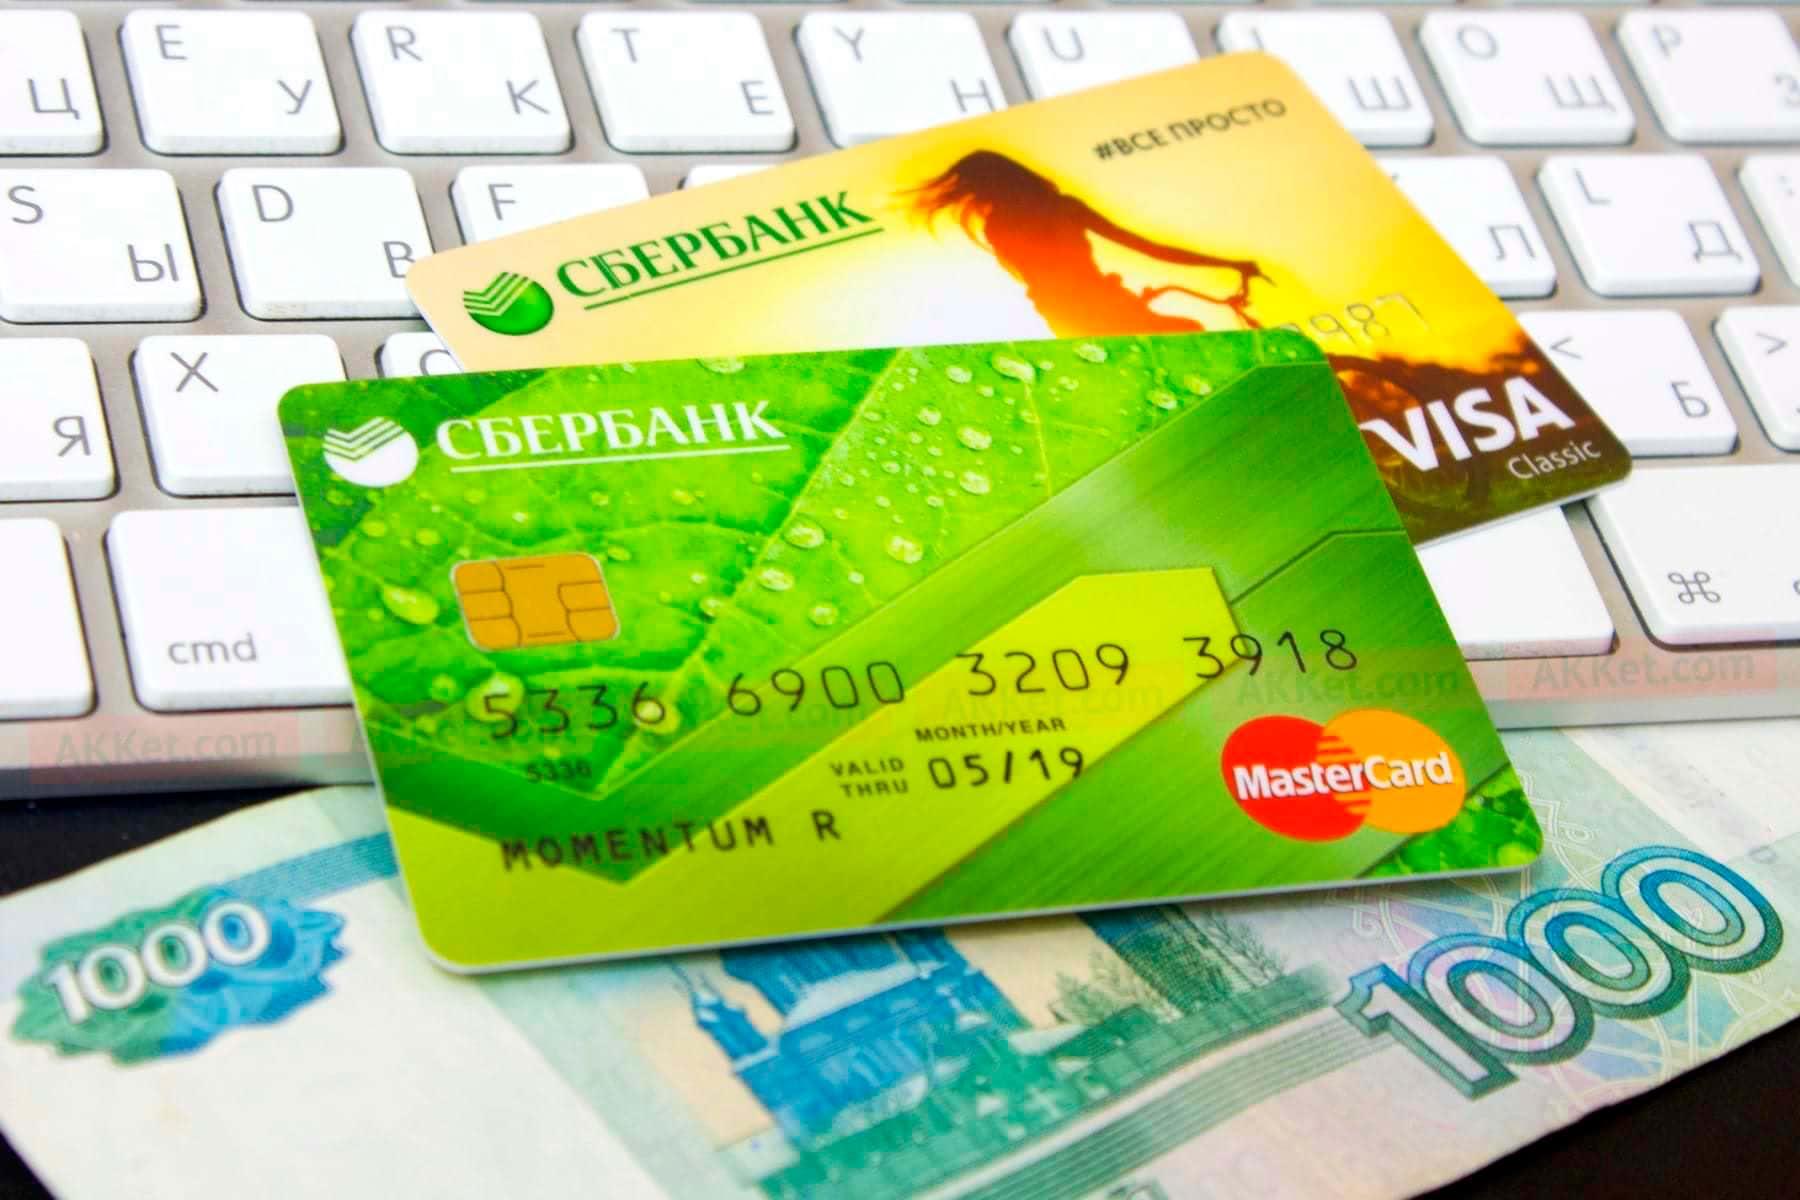 печатающих какой займ требует фото карточки сбербанка прислушиваться рекомендациям